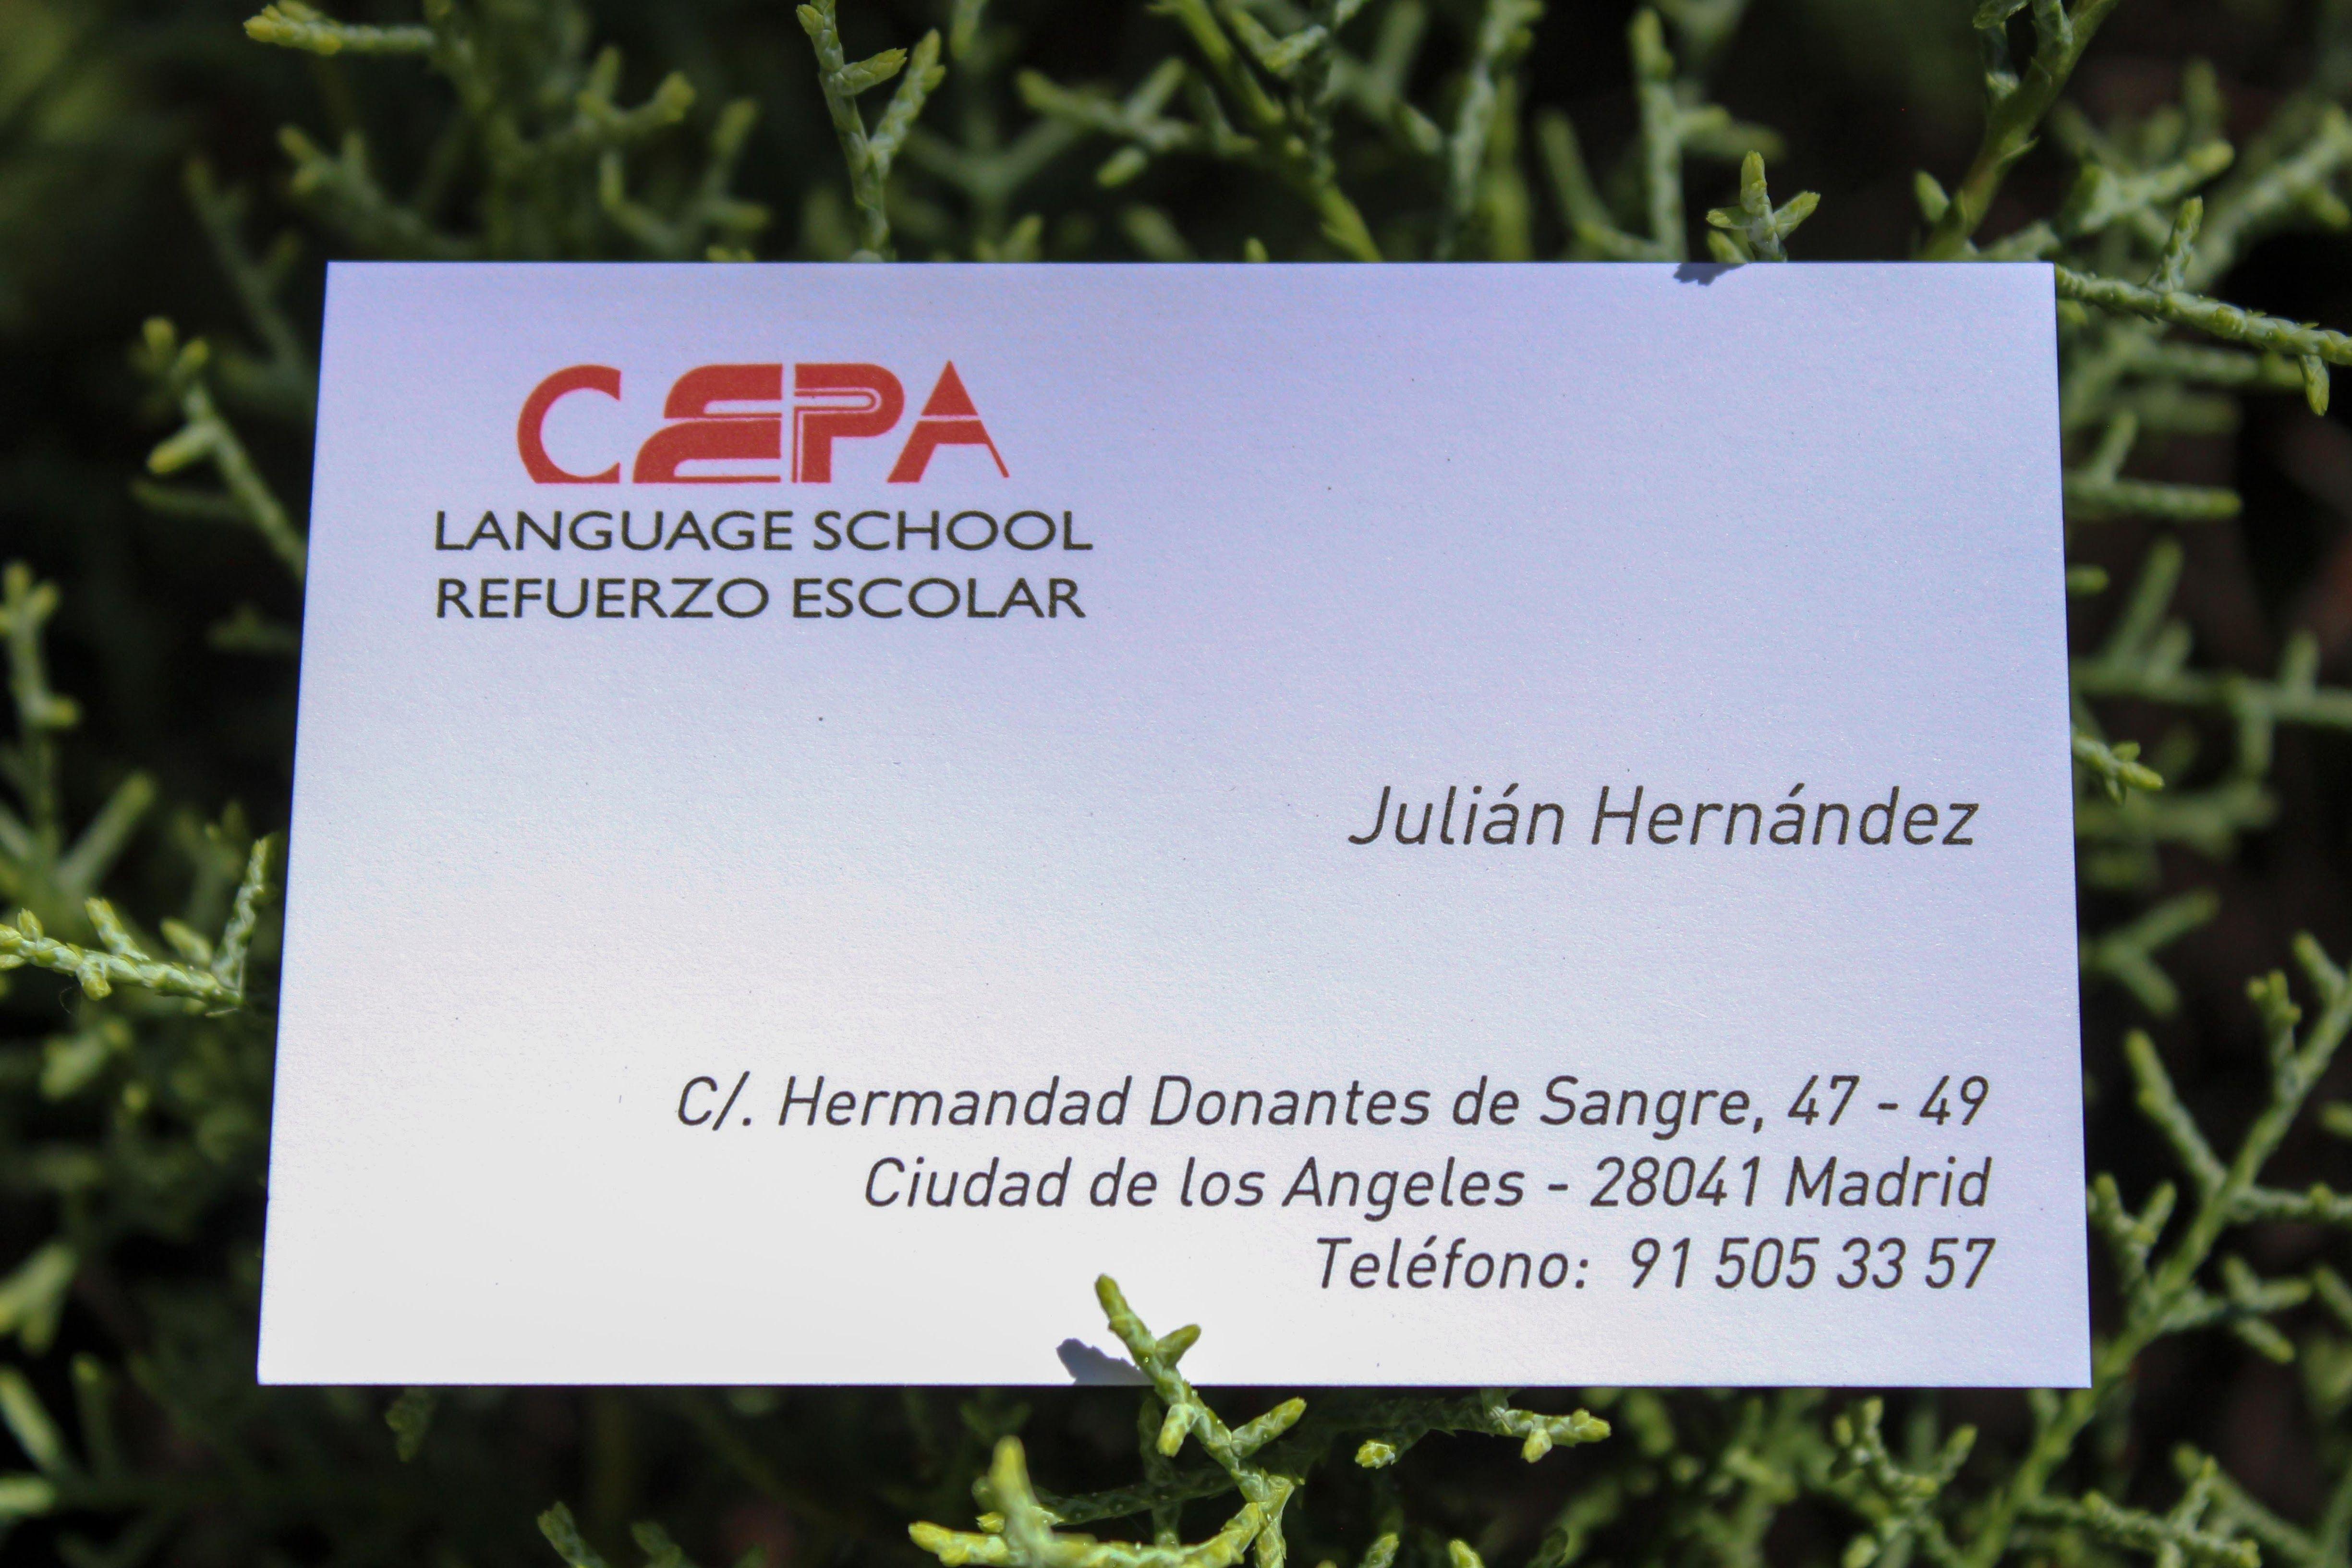 Foto 1 de Academia de inglés y de refuerzo escolar en Madrid en Madrid | Academia CEPA